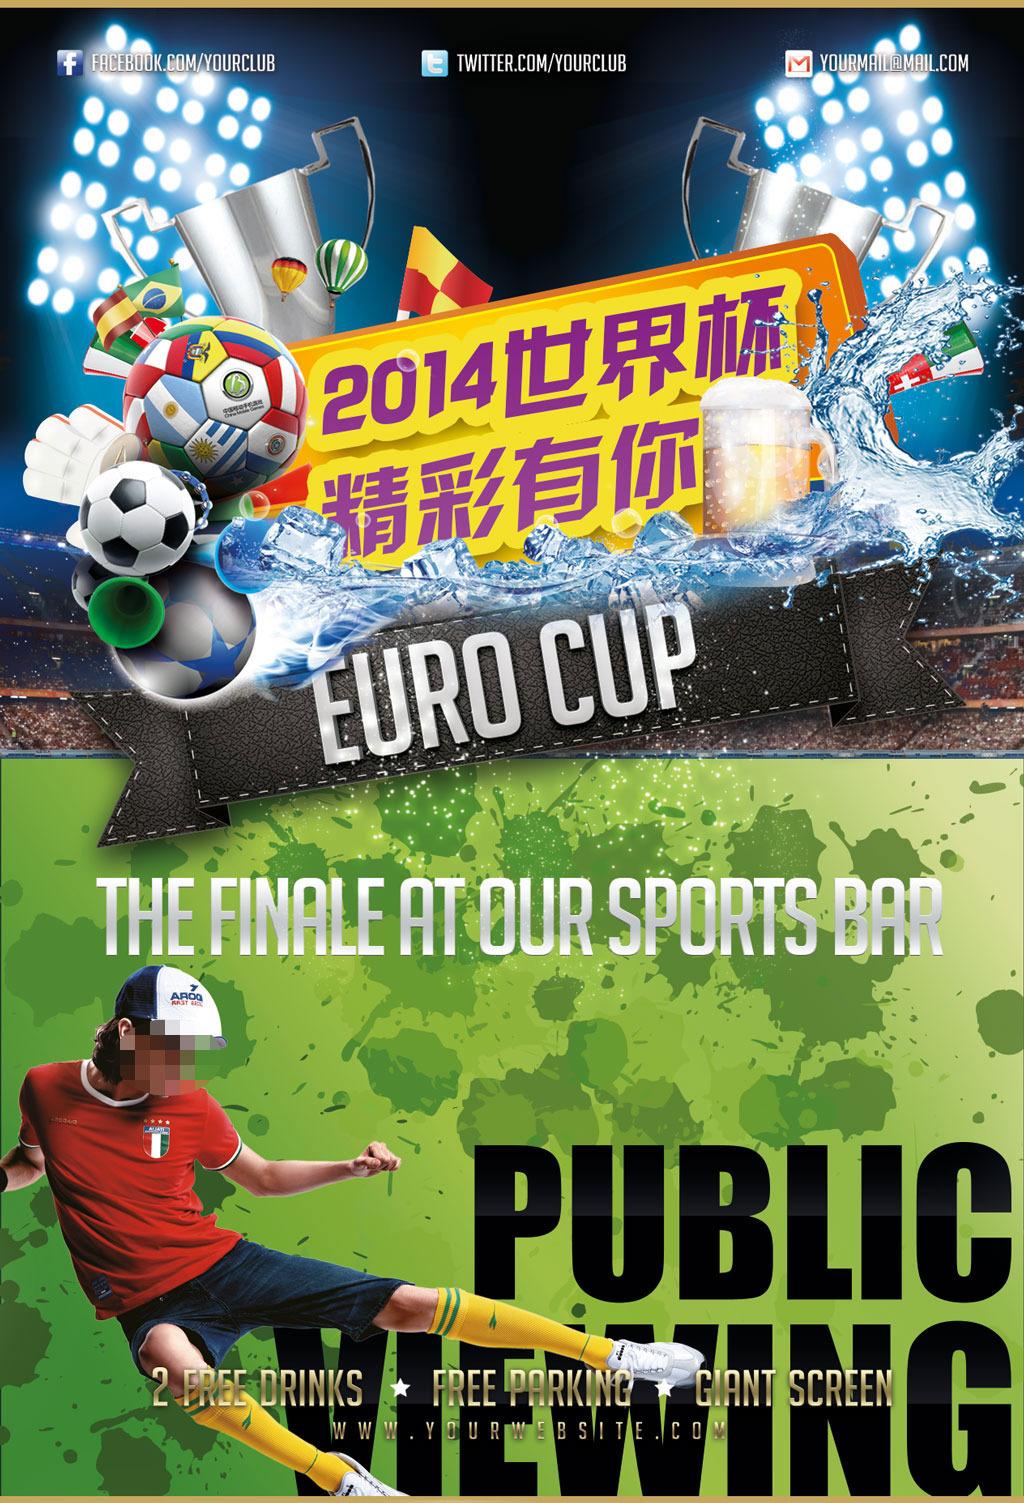 世界杯足球赛海报设计啤酒节海报图片